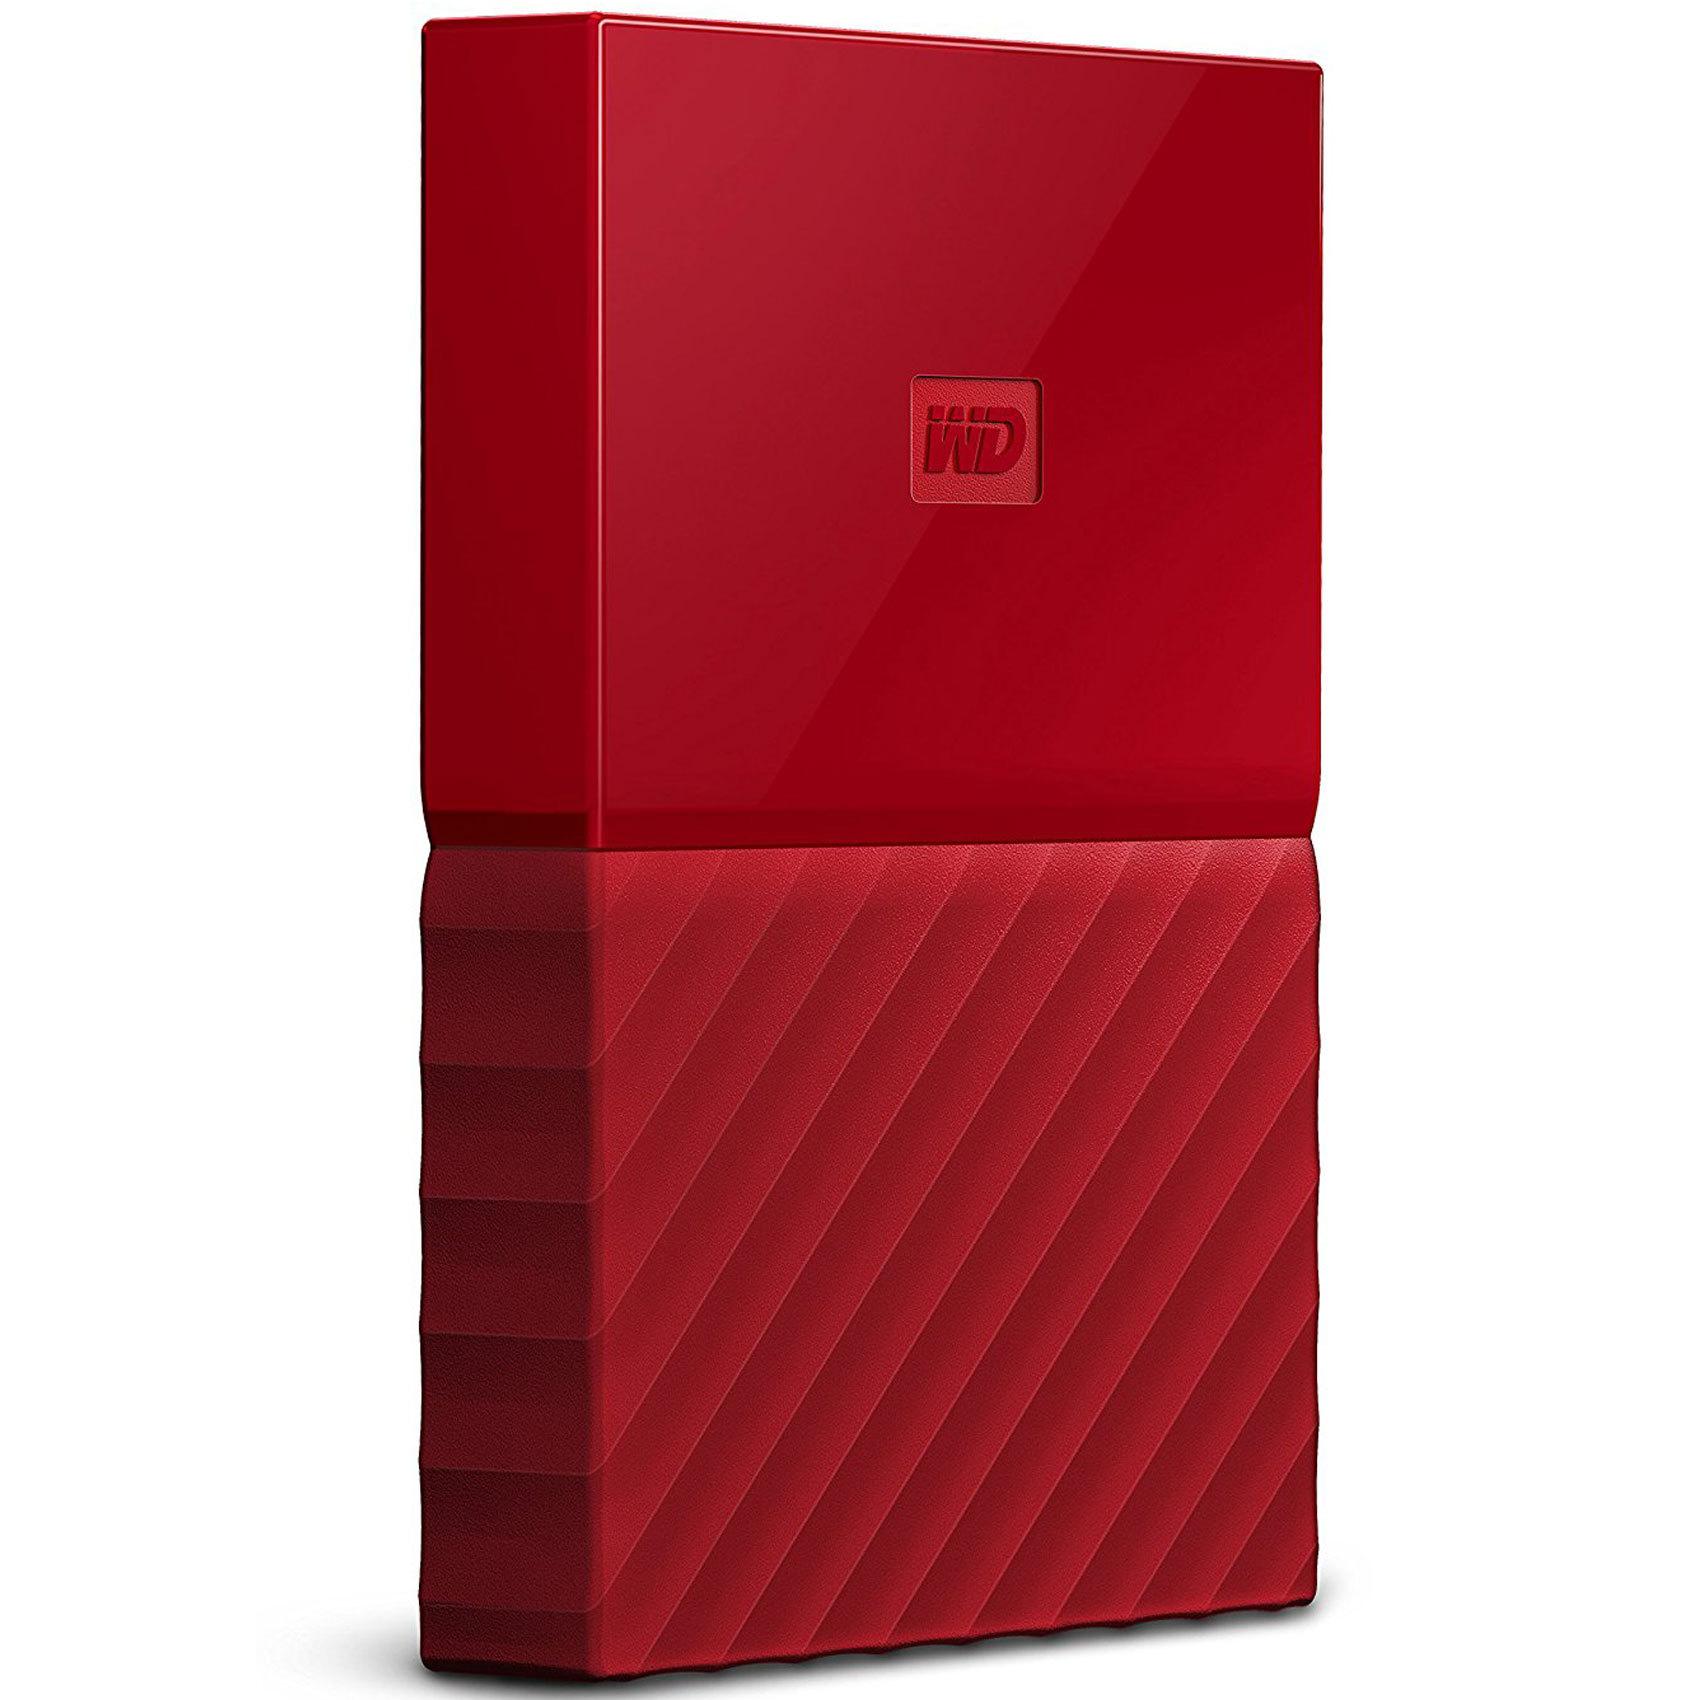 WD HDD 1TB PASSPORT RD WW